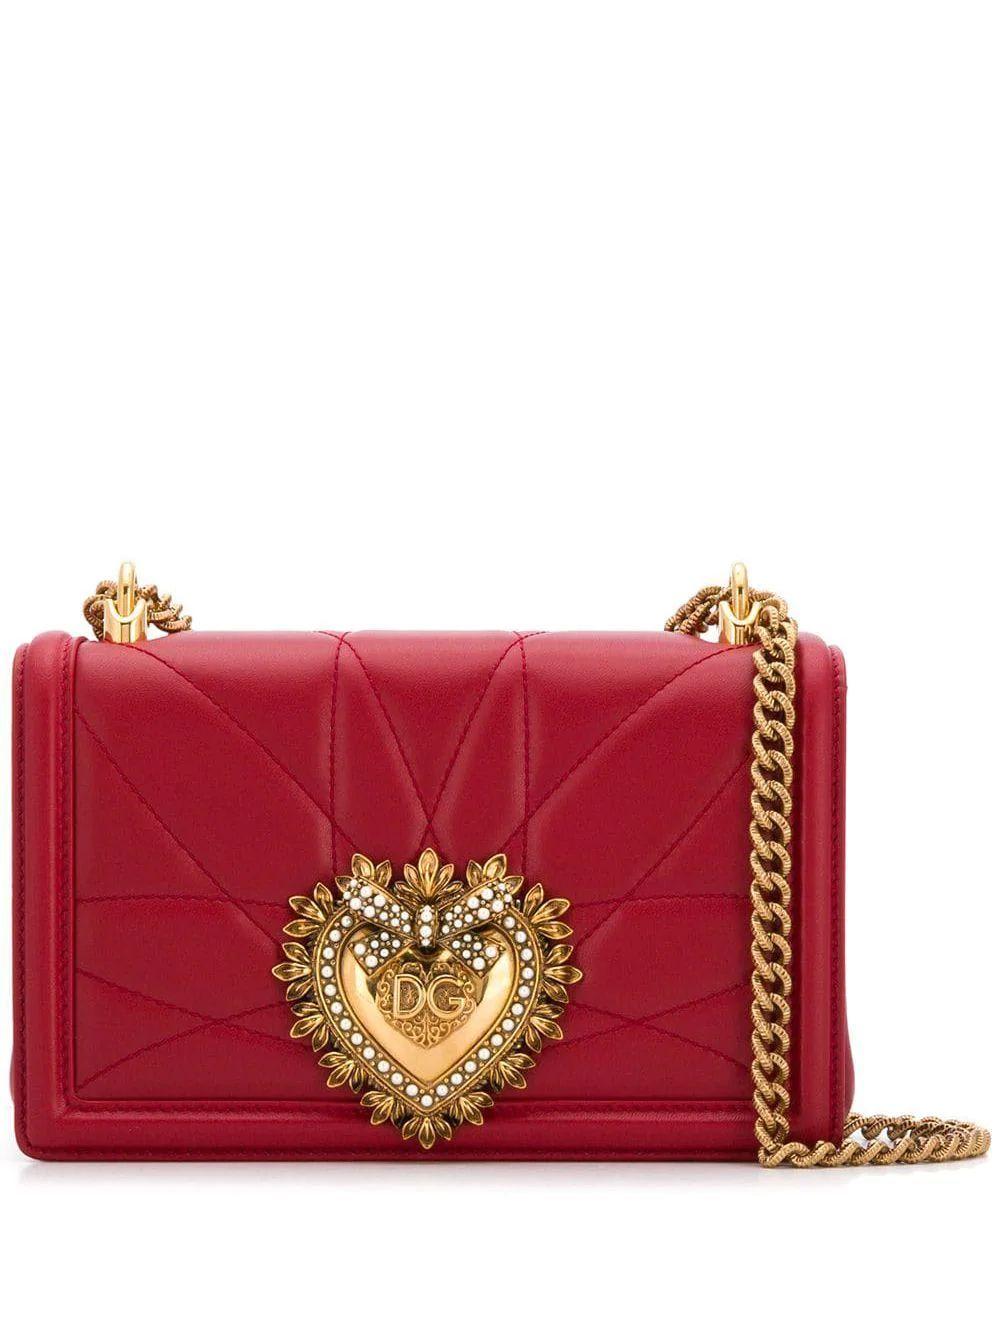 DOLCE E GABBANA WOMEN'S BB6652AV96787124 RED LEATHER SHOULDER BAG